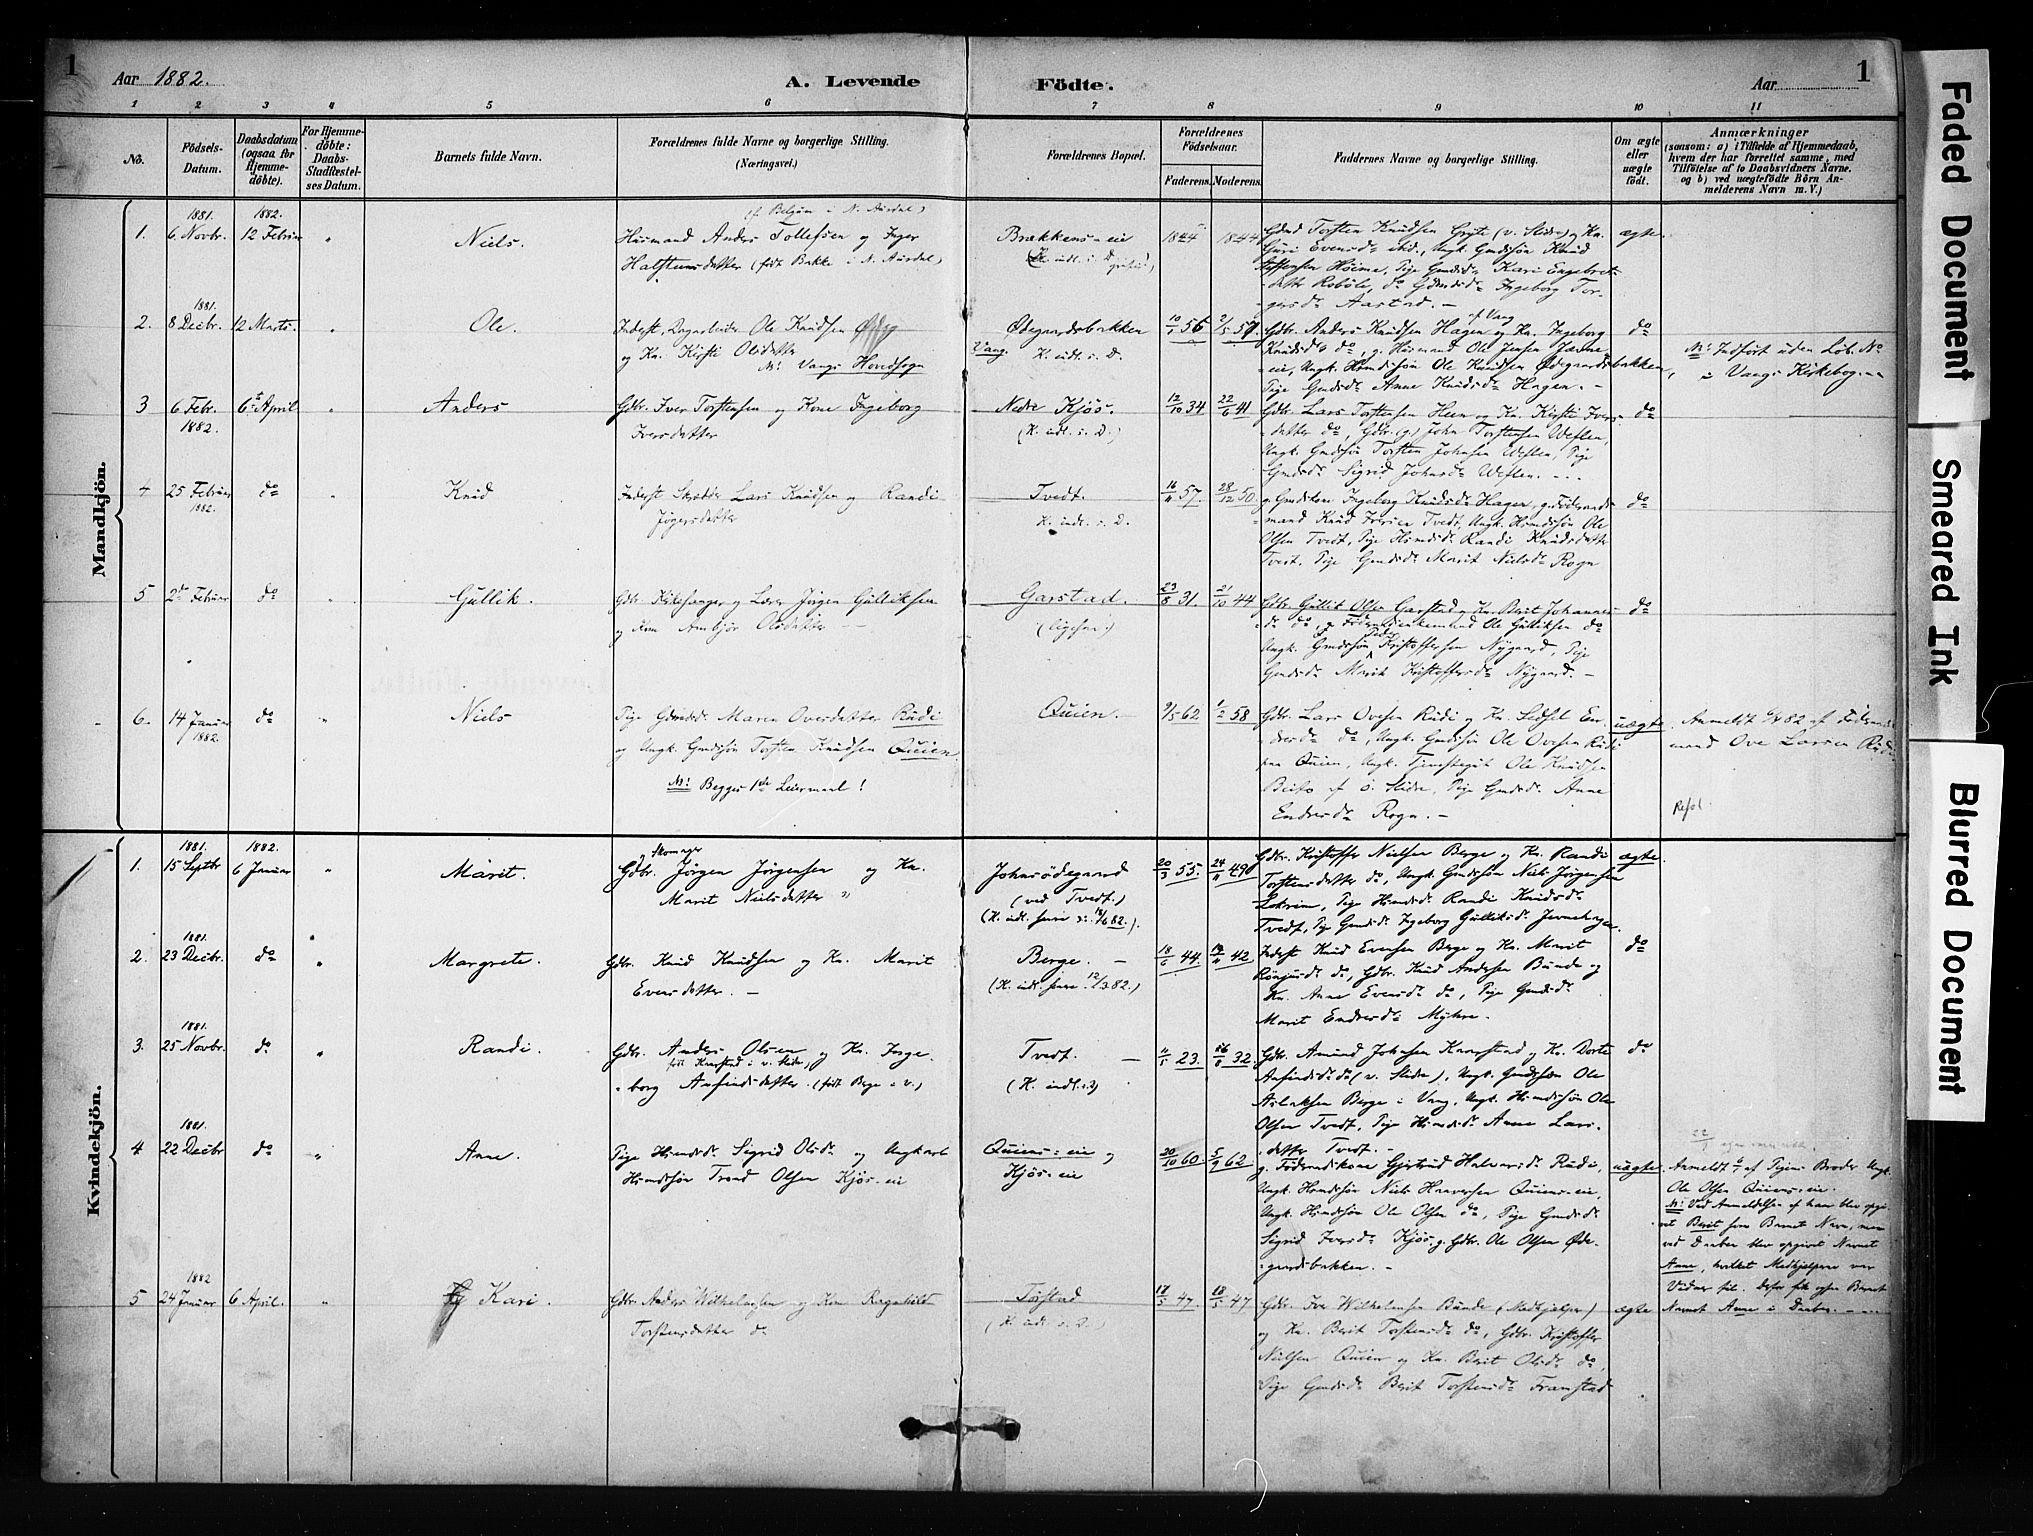 SAH, Vang prestekontor, Valdres, Ministerialbok nr. 9, 1882-1914, s. 1